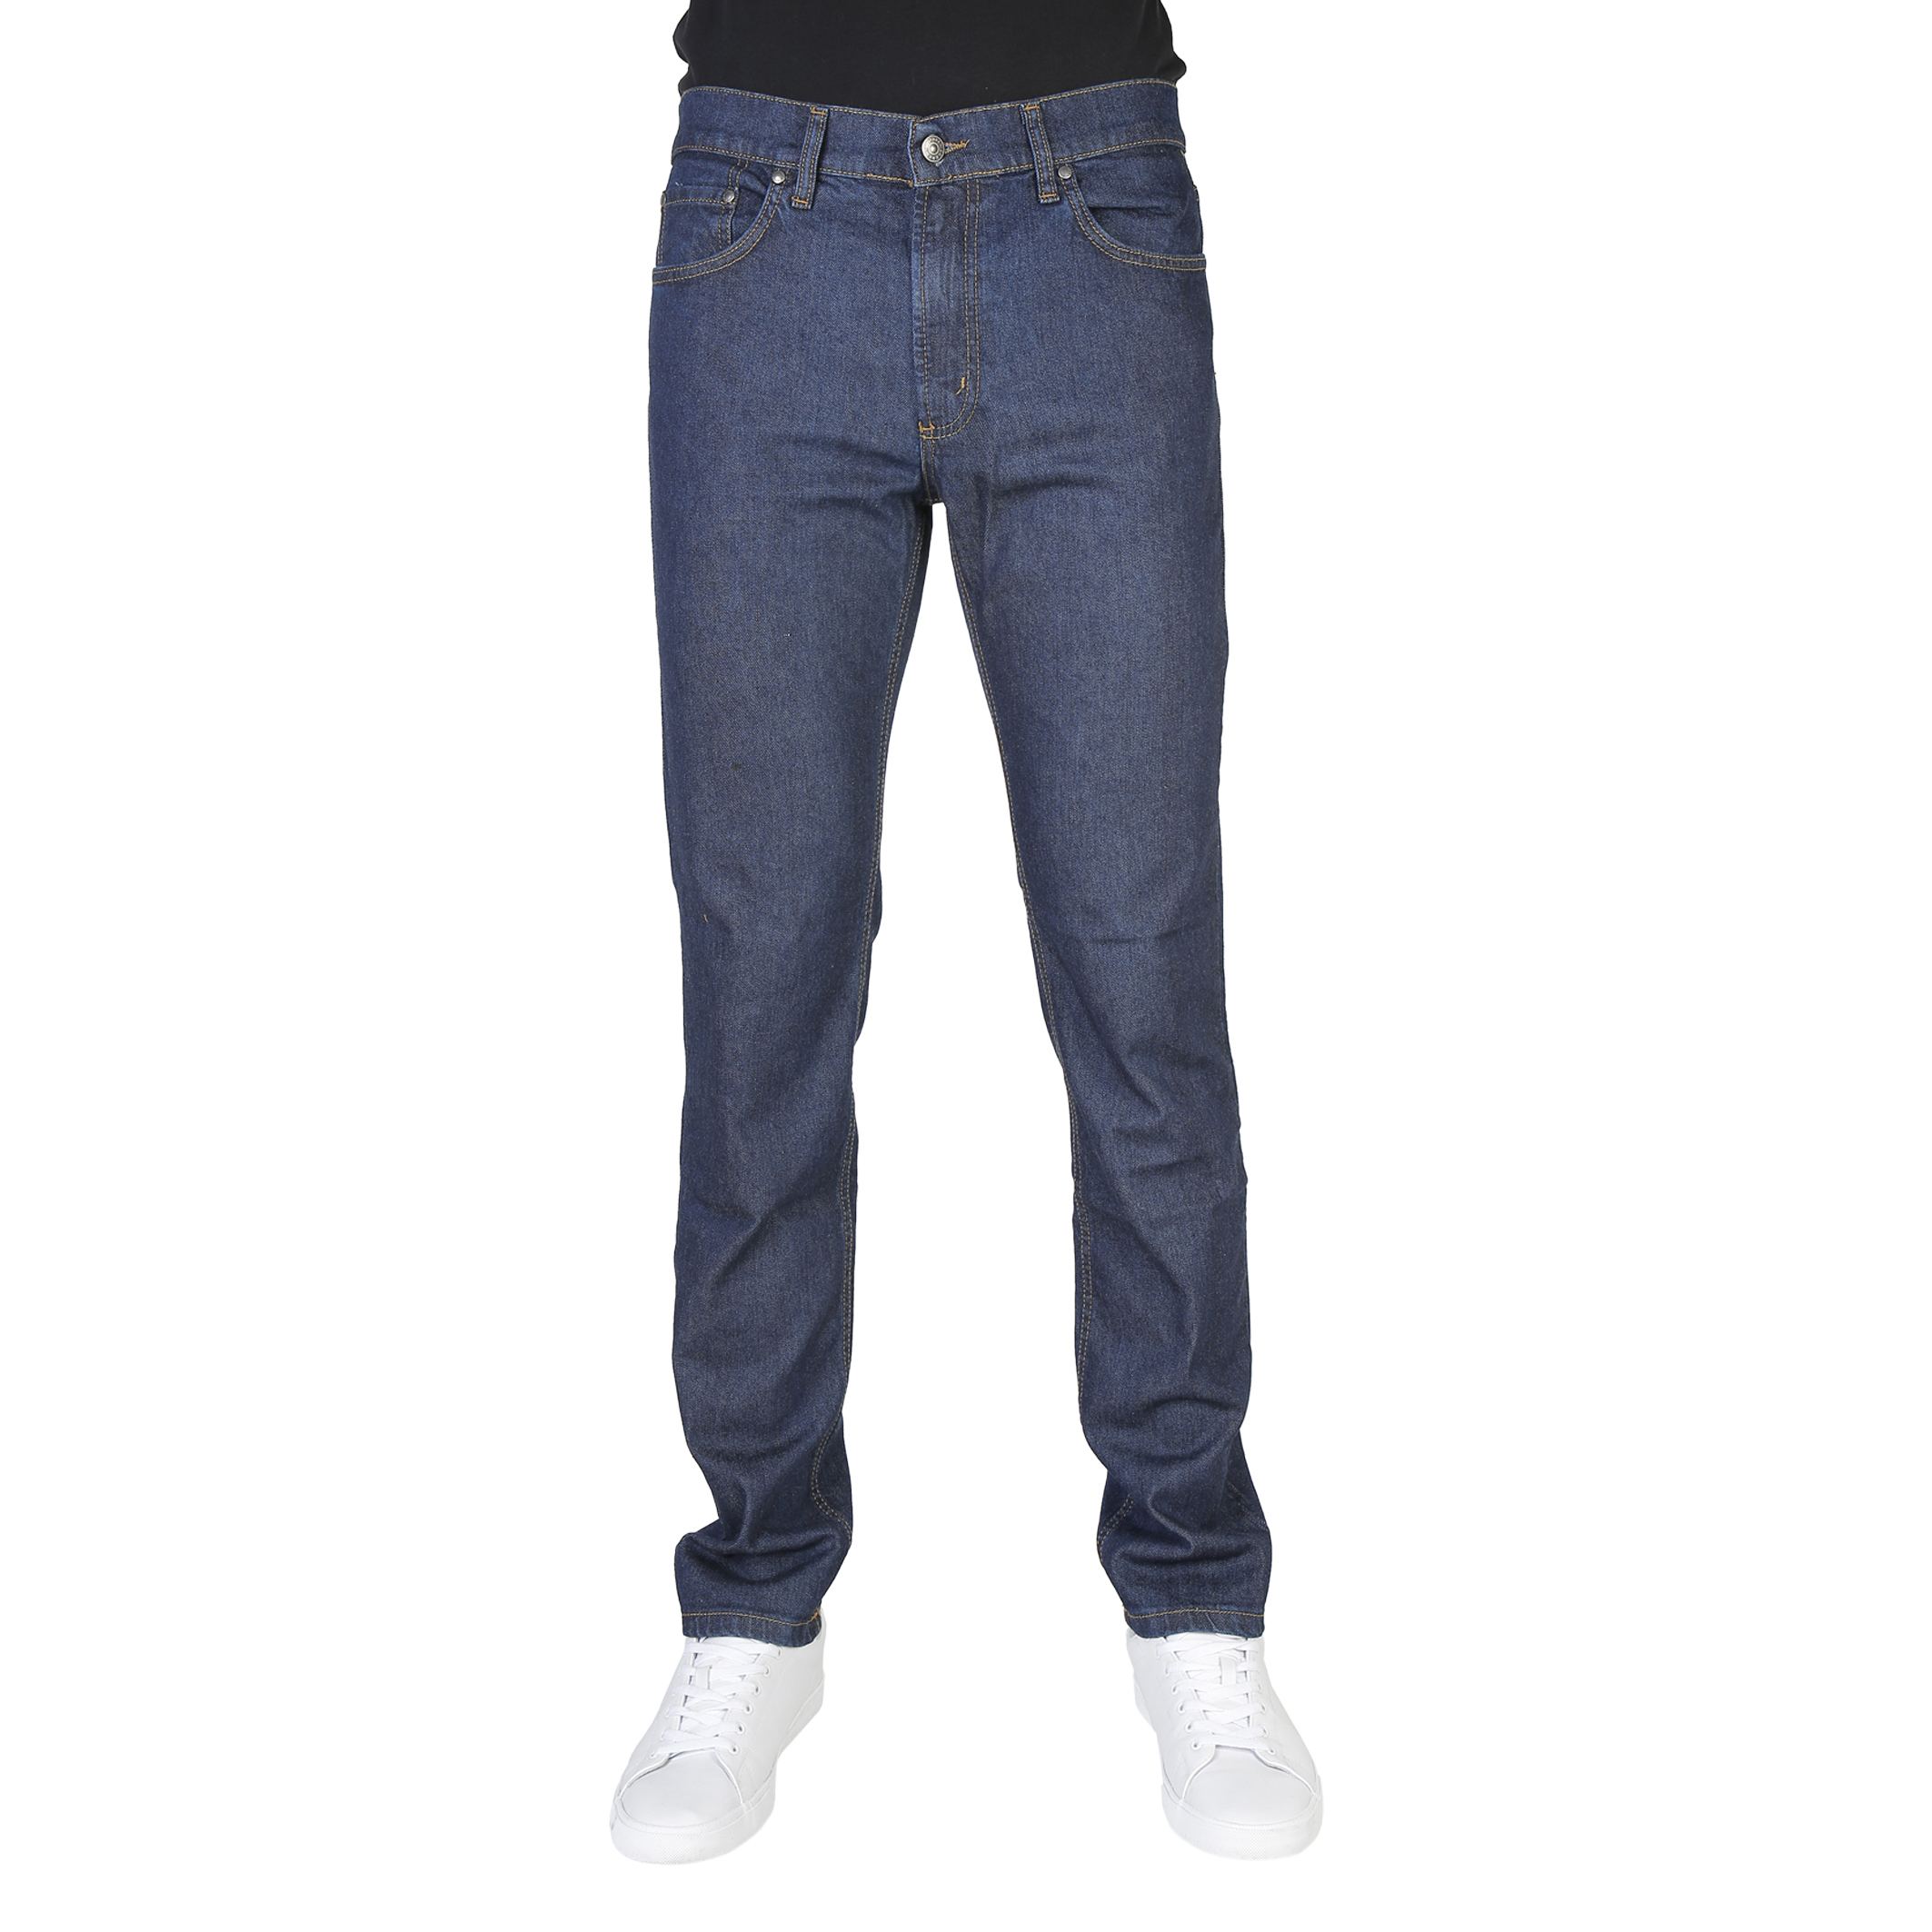 Jeans Carrera Jeans 000700_0921A Uomo Blu 76357